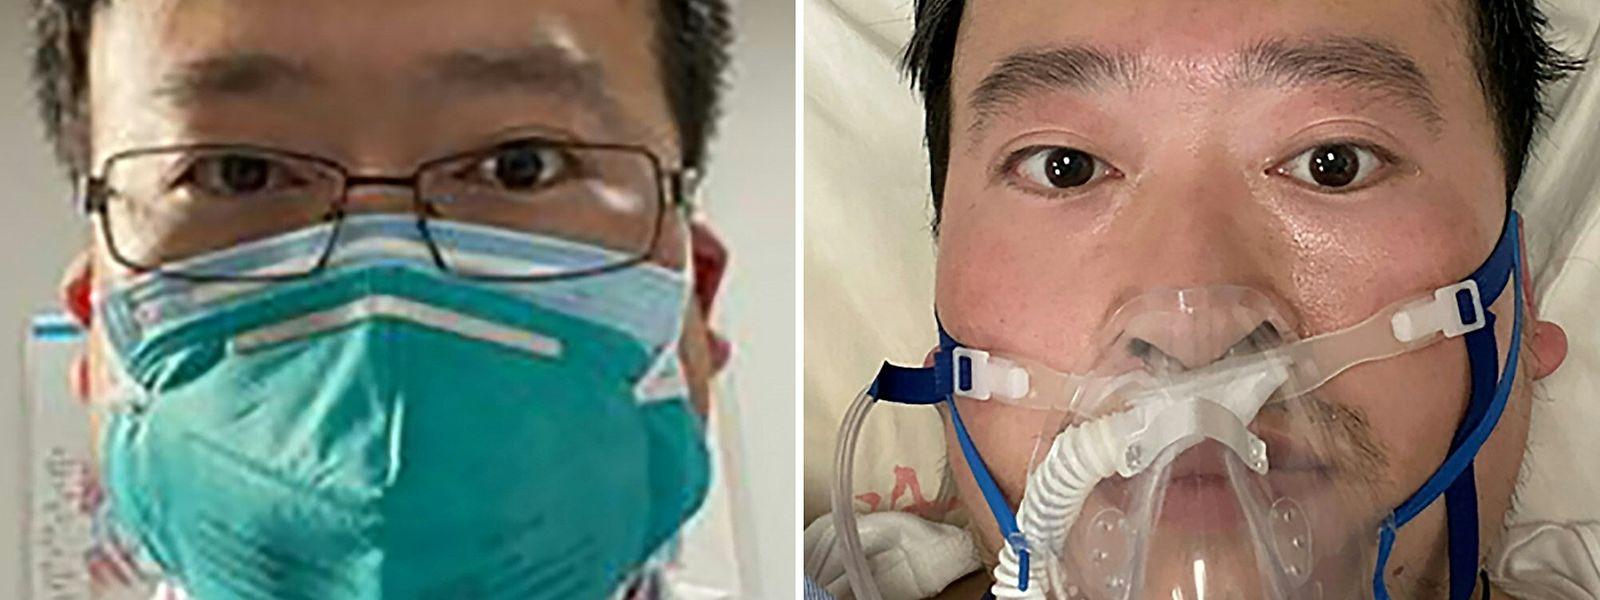 Der Whistleblower-Arzt Dr. Li Wenliang ist am Coronavirus gestorben.